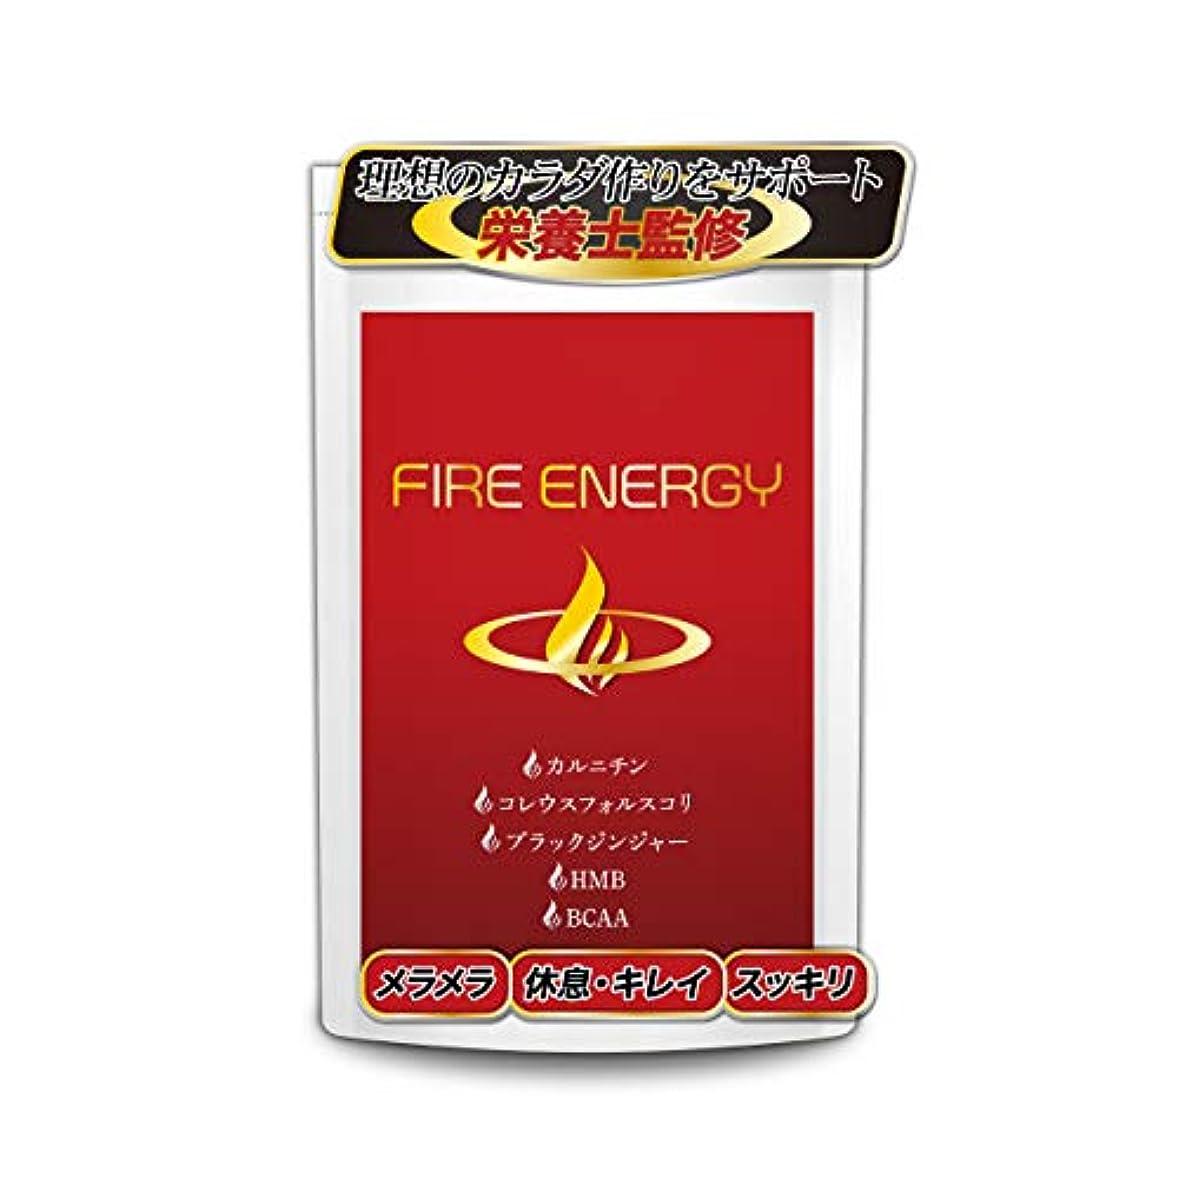 ノベルティ品トレーニングFIRE ENERGY ダイエット サプリ 燃焼 HMB BCAA サプリメント(30日分60粒入り)